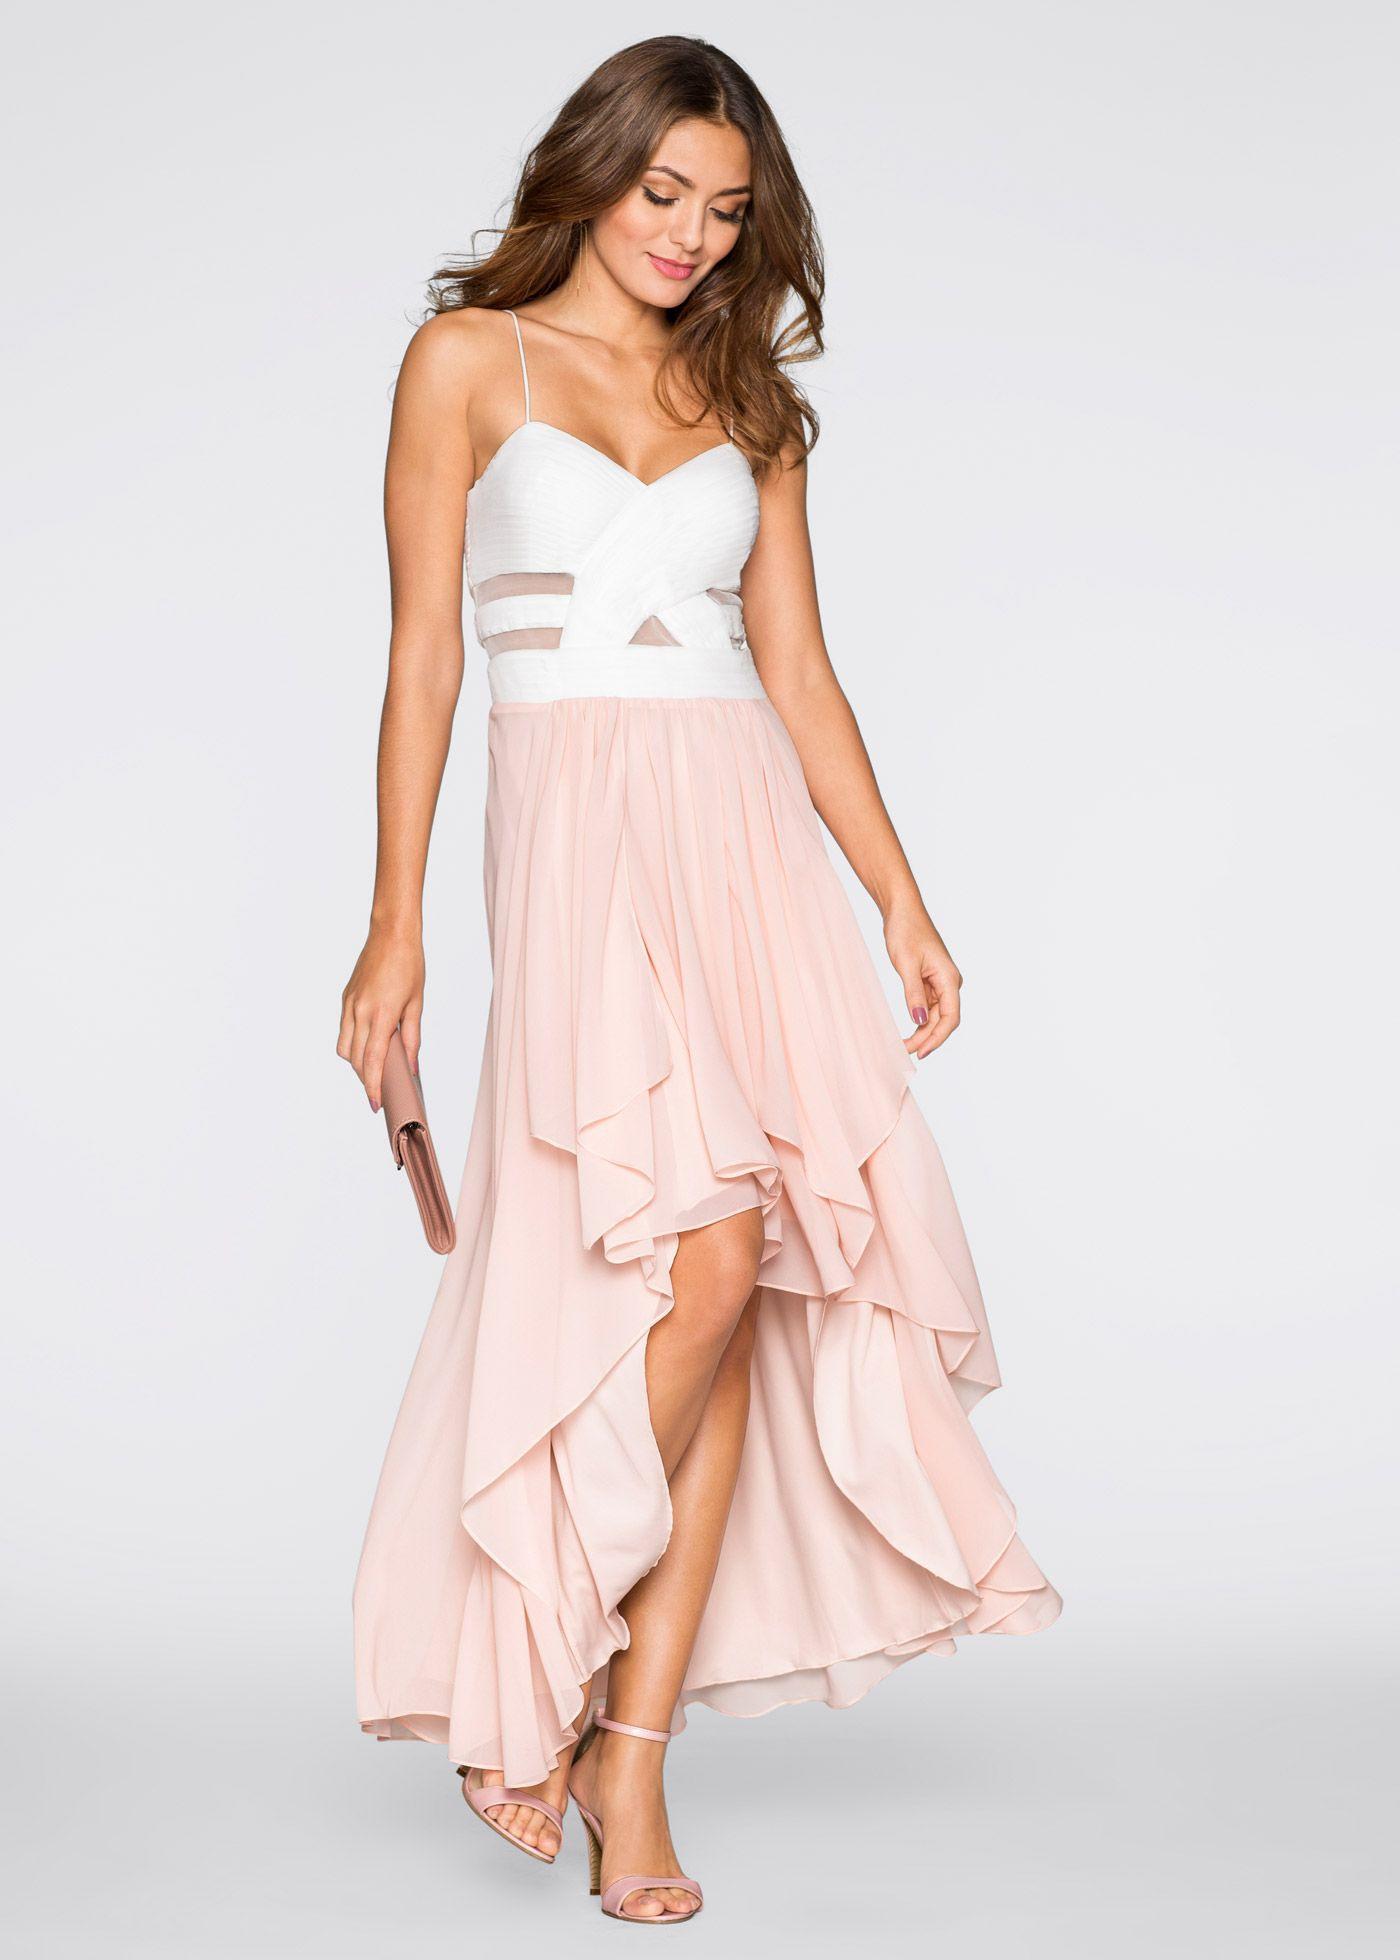 Kleid In 2020 | Vokuhila Kleid, Schnittmuster Kleid Und Kleider